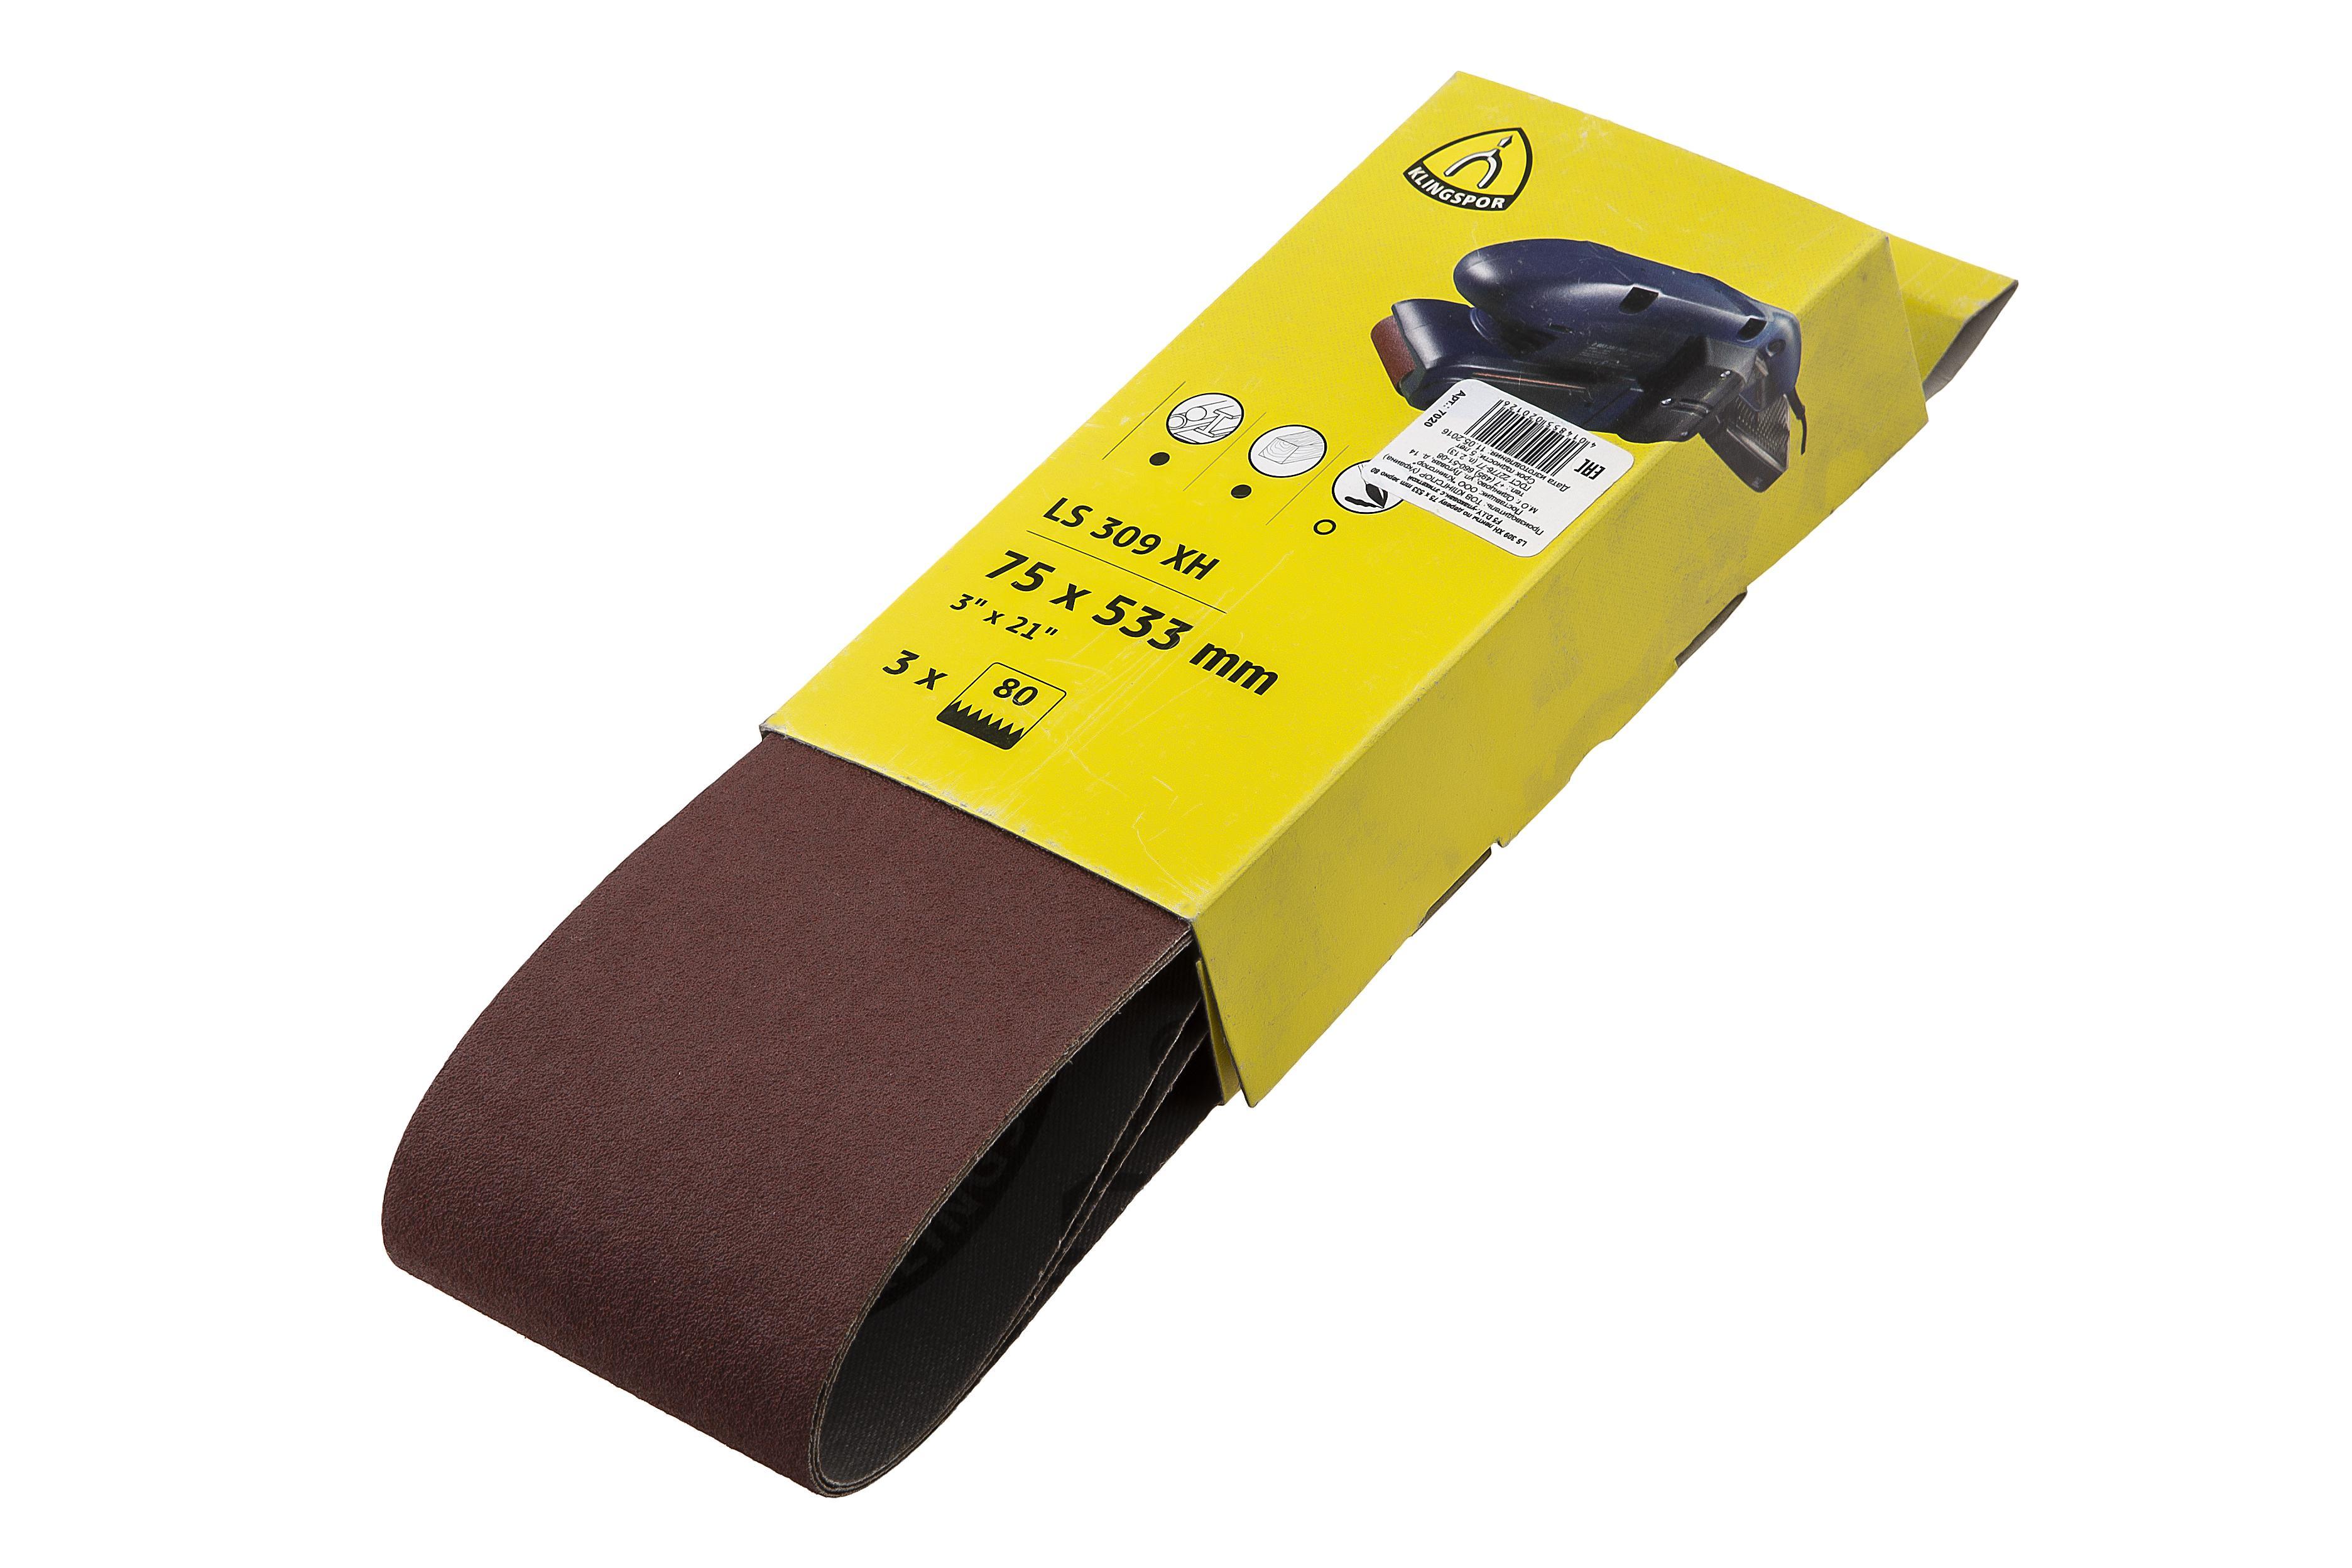 Лента шлифовальная бесконечная Klingspor Ls 309 xh 75 x 533 p80 3шт. лента шлифовальная бесконечная hammer flex 75 х 533 р 80 3шт